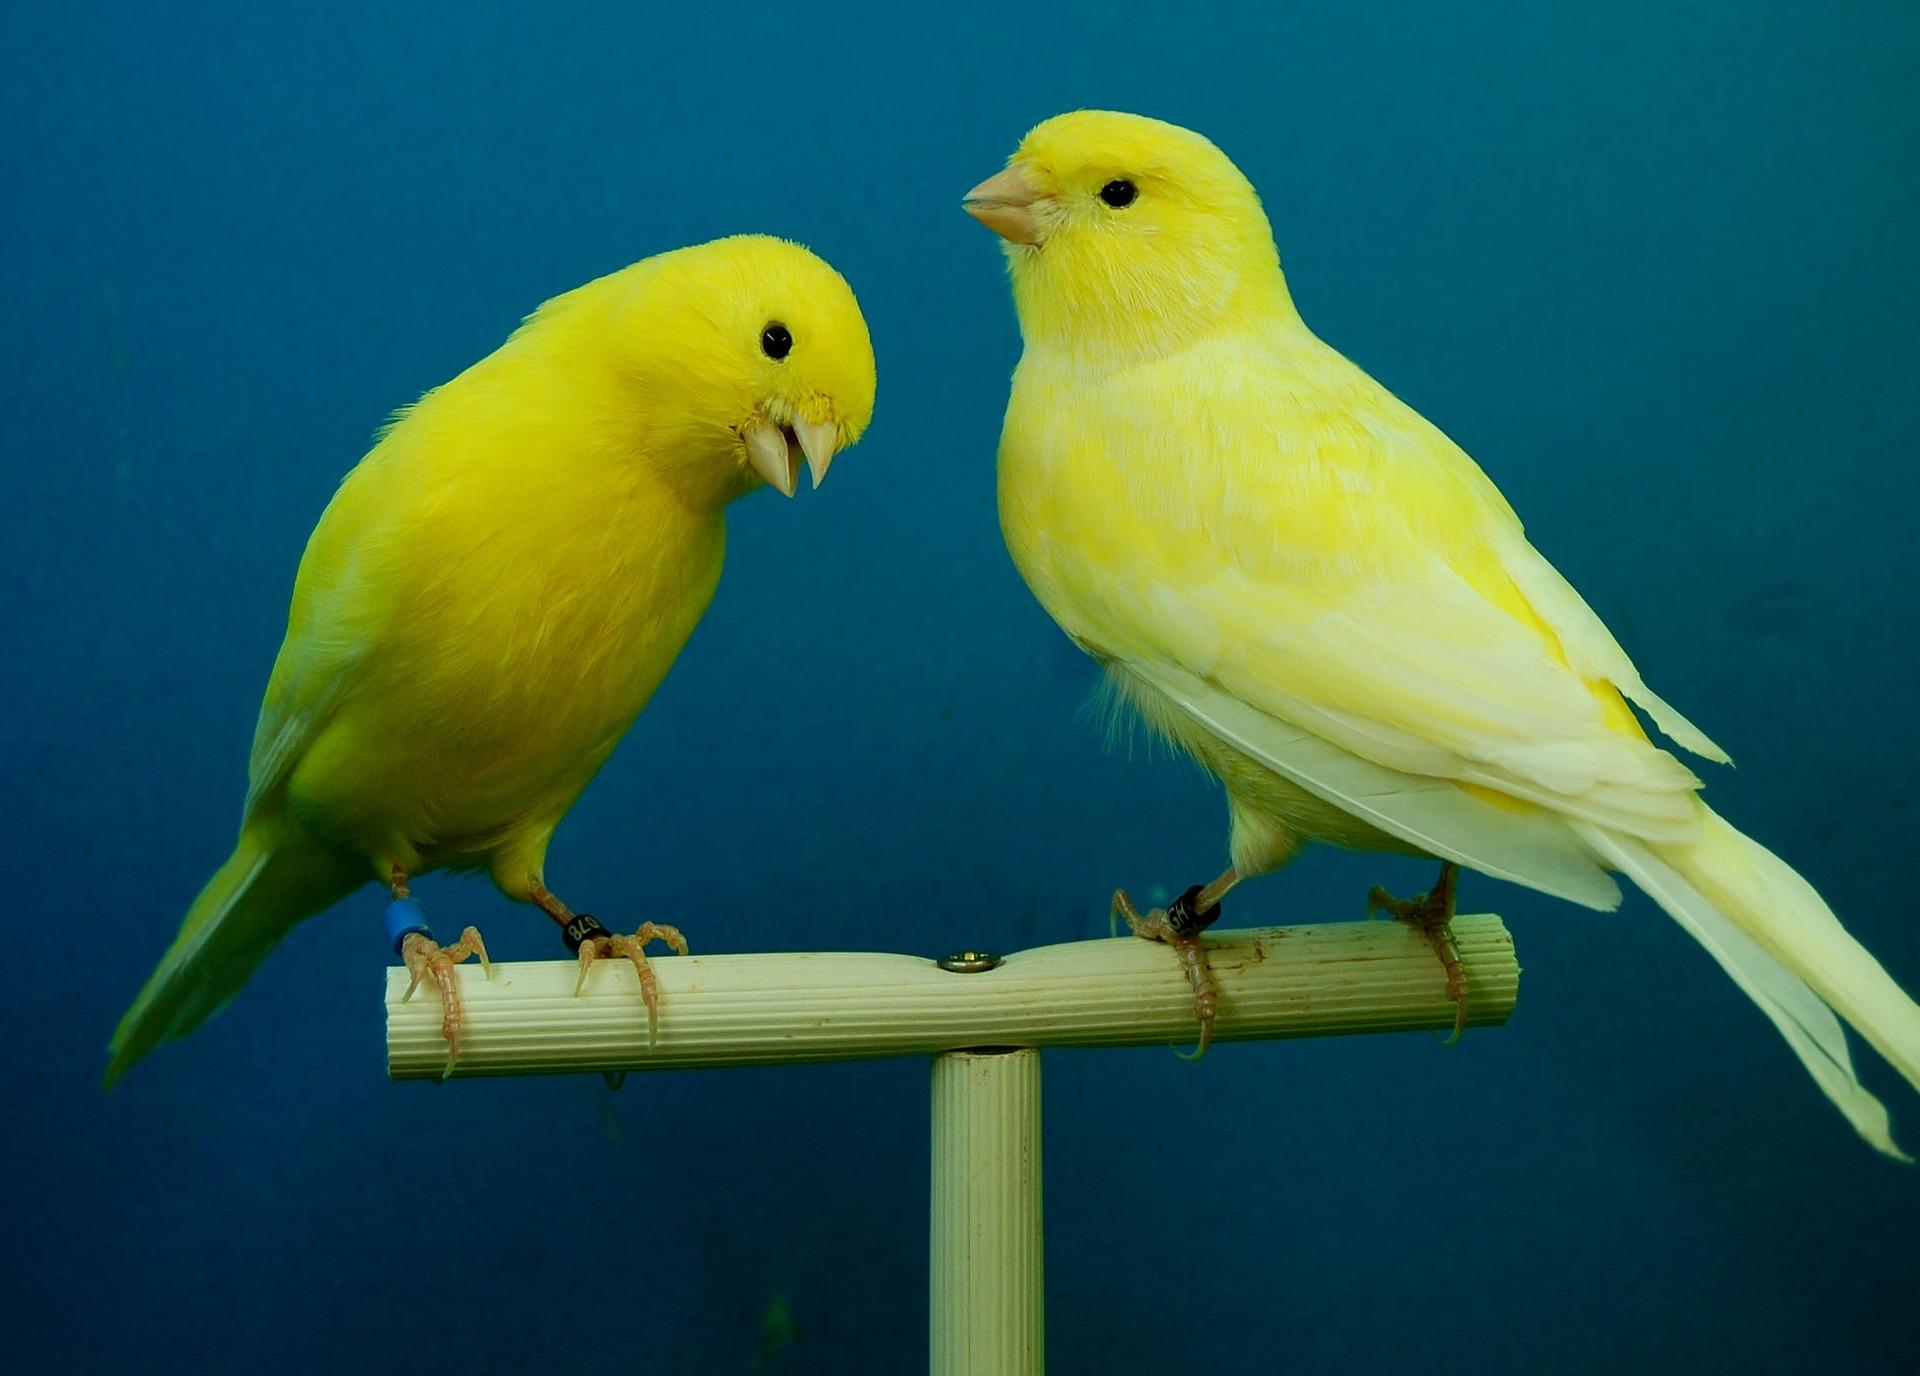 Kanarki w naturze żyją w małych stadach, w których czują się najlepiej. W warunkach domowych ciężko utrzymać więcej niż jednego - dwa ptaki, ze względu na duże wymagania powierzchni - klatki.